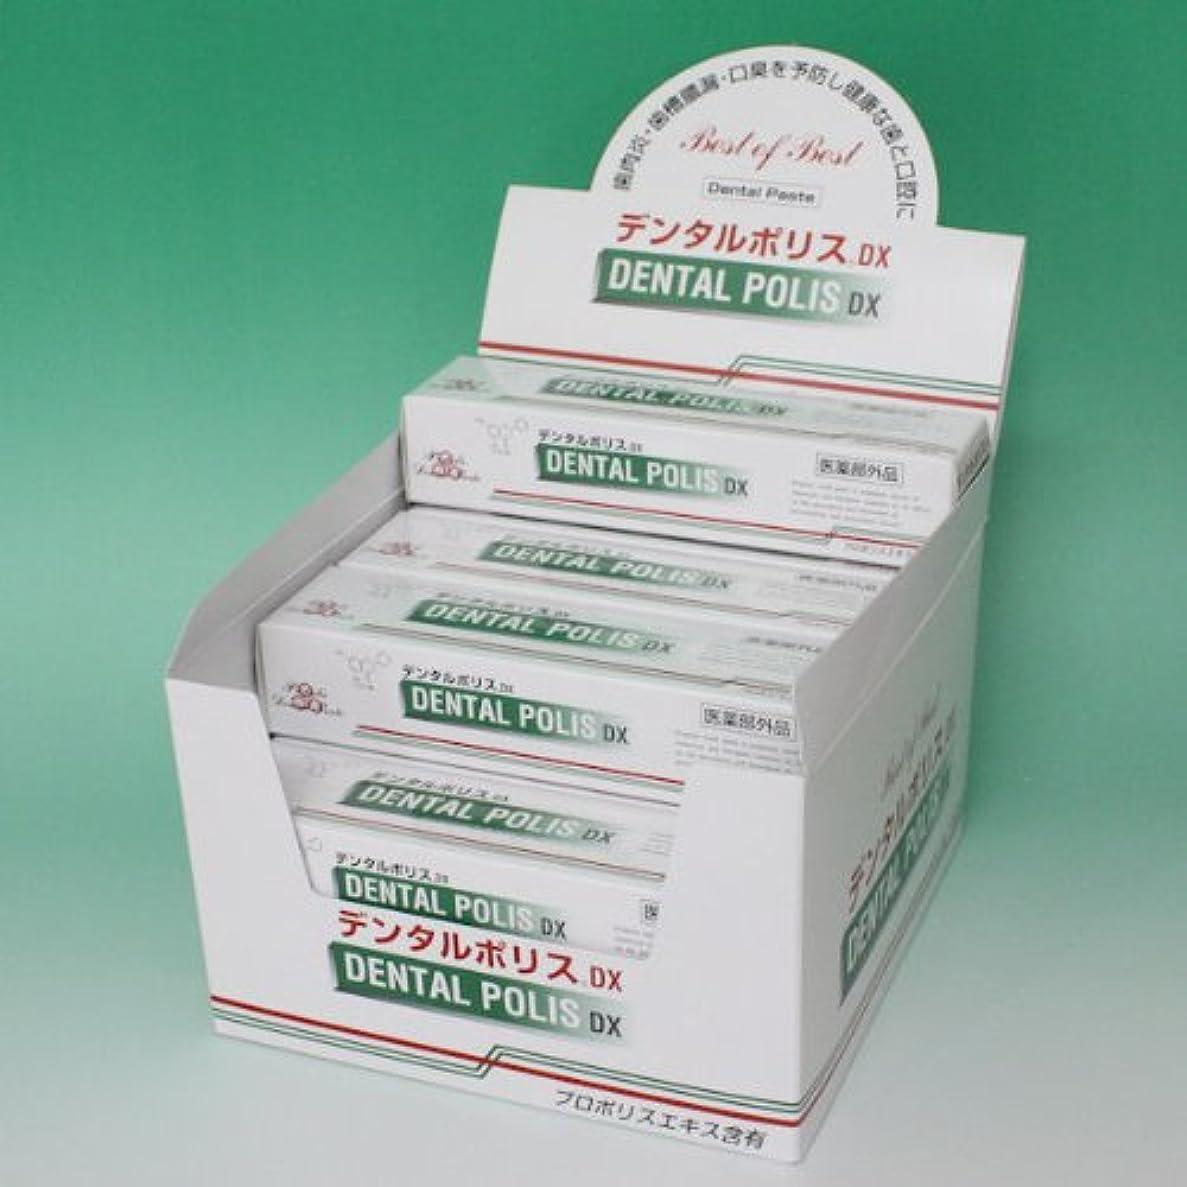 主張する廃止する主権者デンタルポリスDX 80g  12本セット 医薬部外品  歯みがき 8gサンプル2本 進呈!